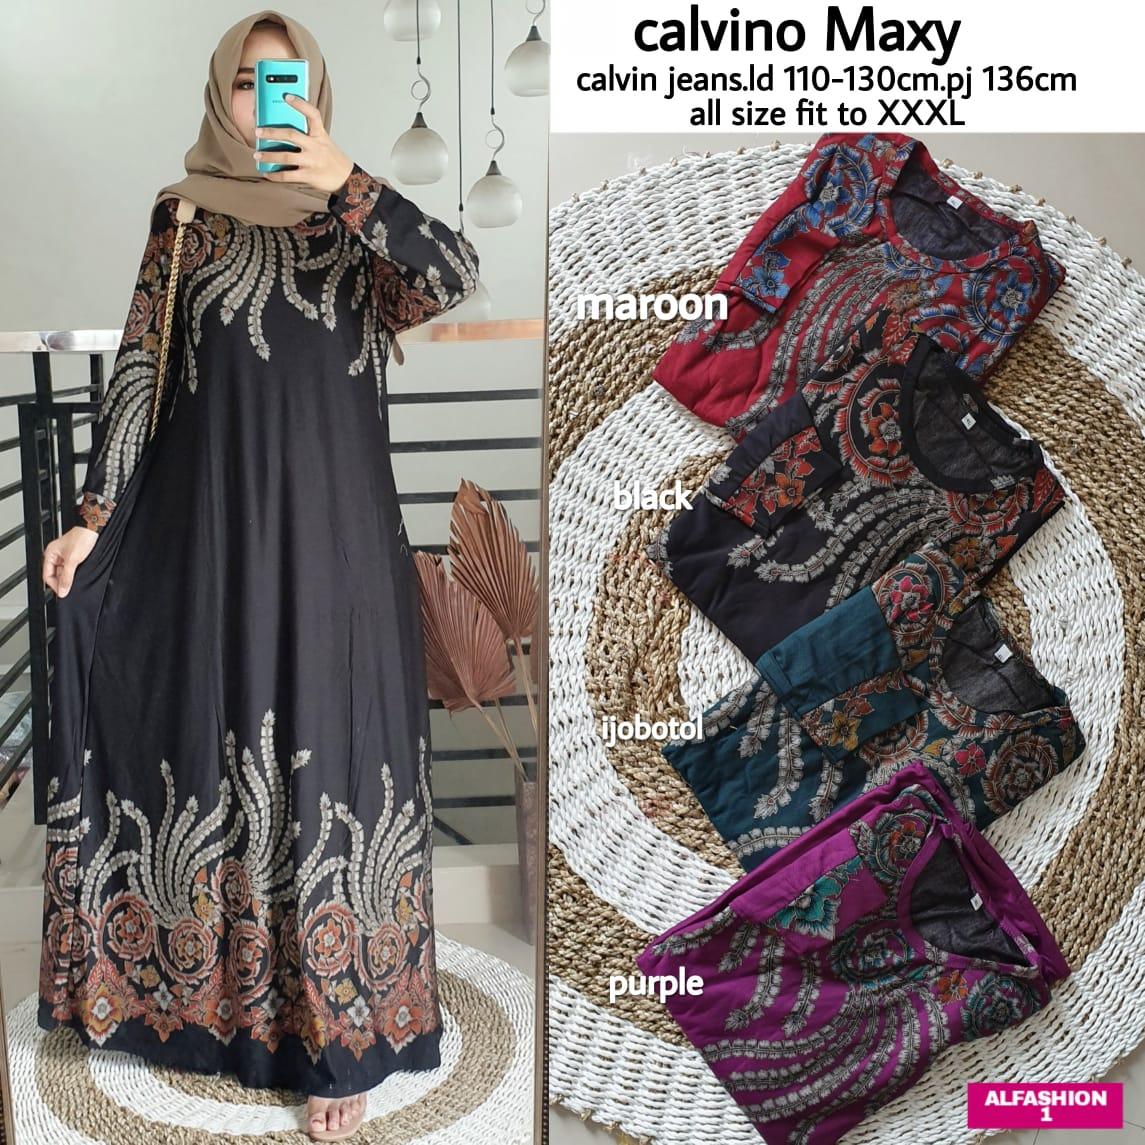 Dress Ashanty Butik Viscose Rayon  Model Gamis Terbaru 12 Untuk  RemajaModel Baju dress Panjang EleganDress Baju Muslim Wanita  TerbaruSketsa Baju